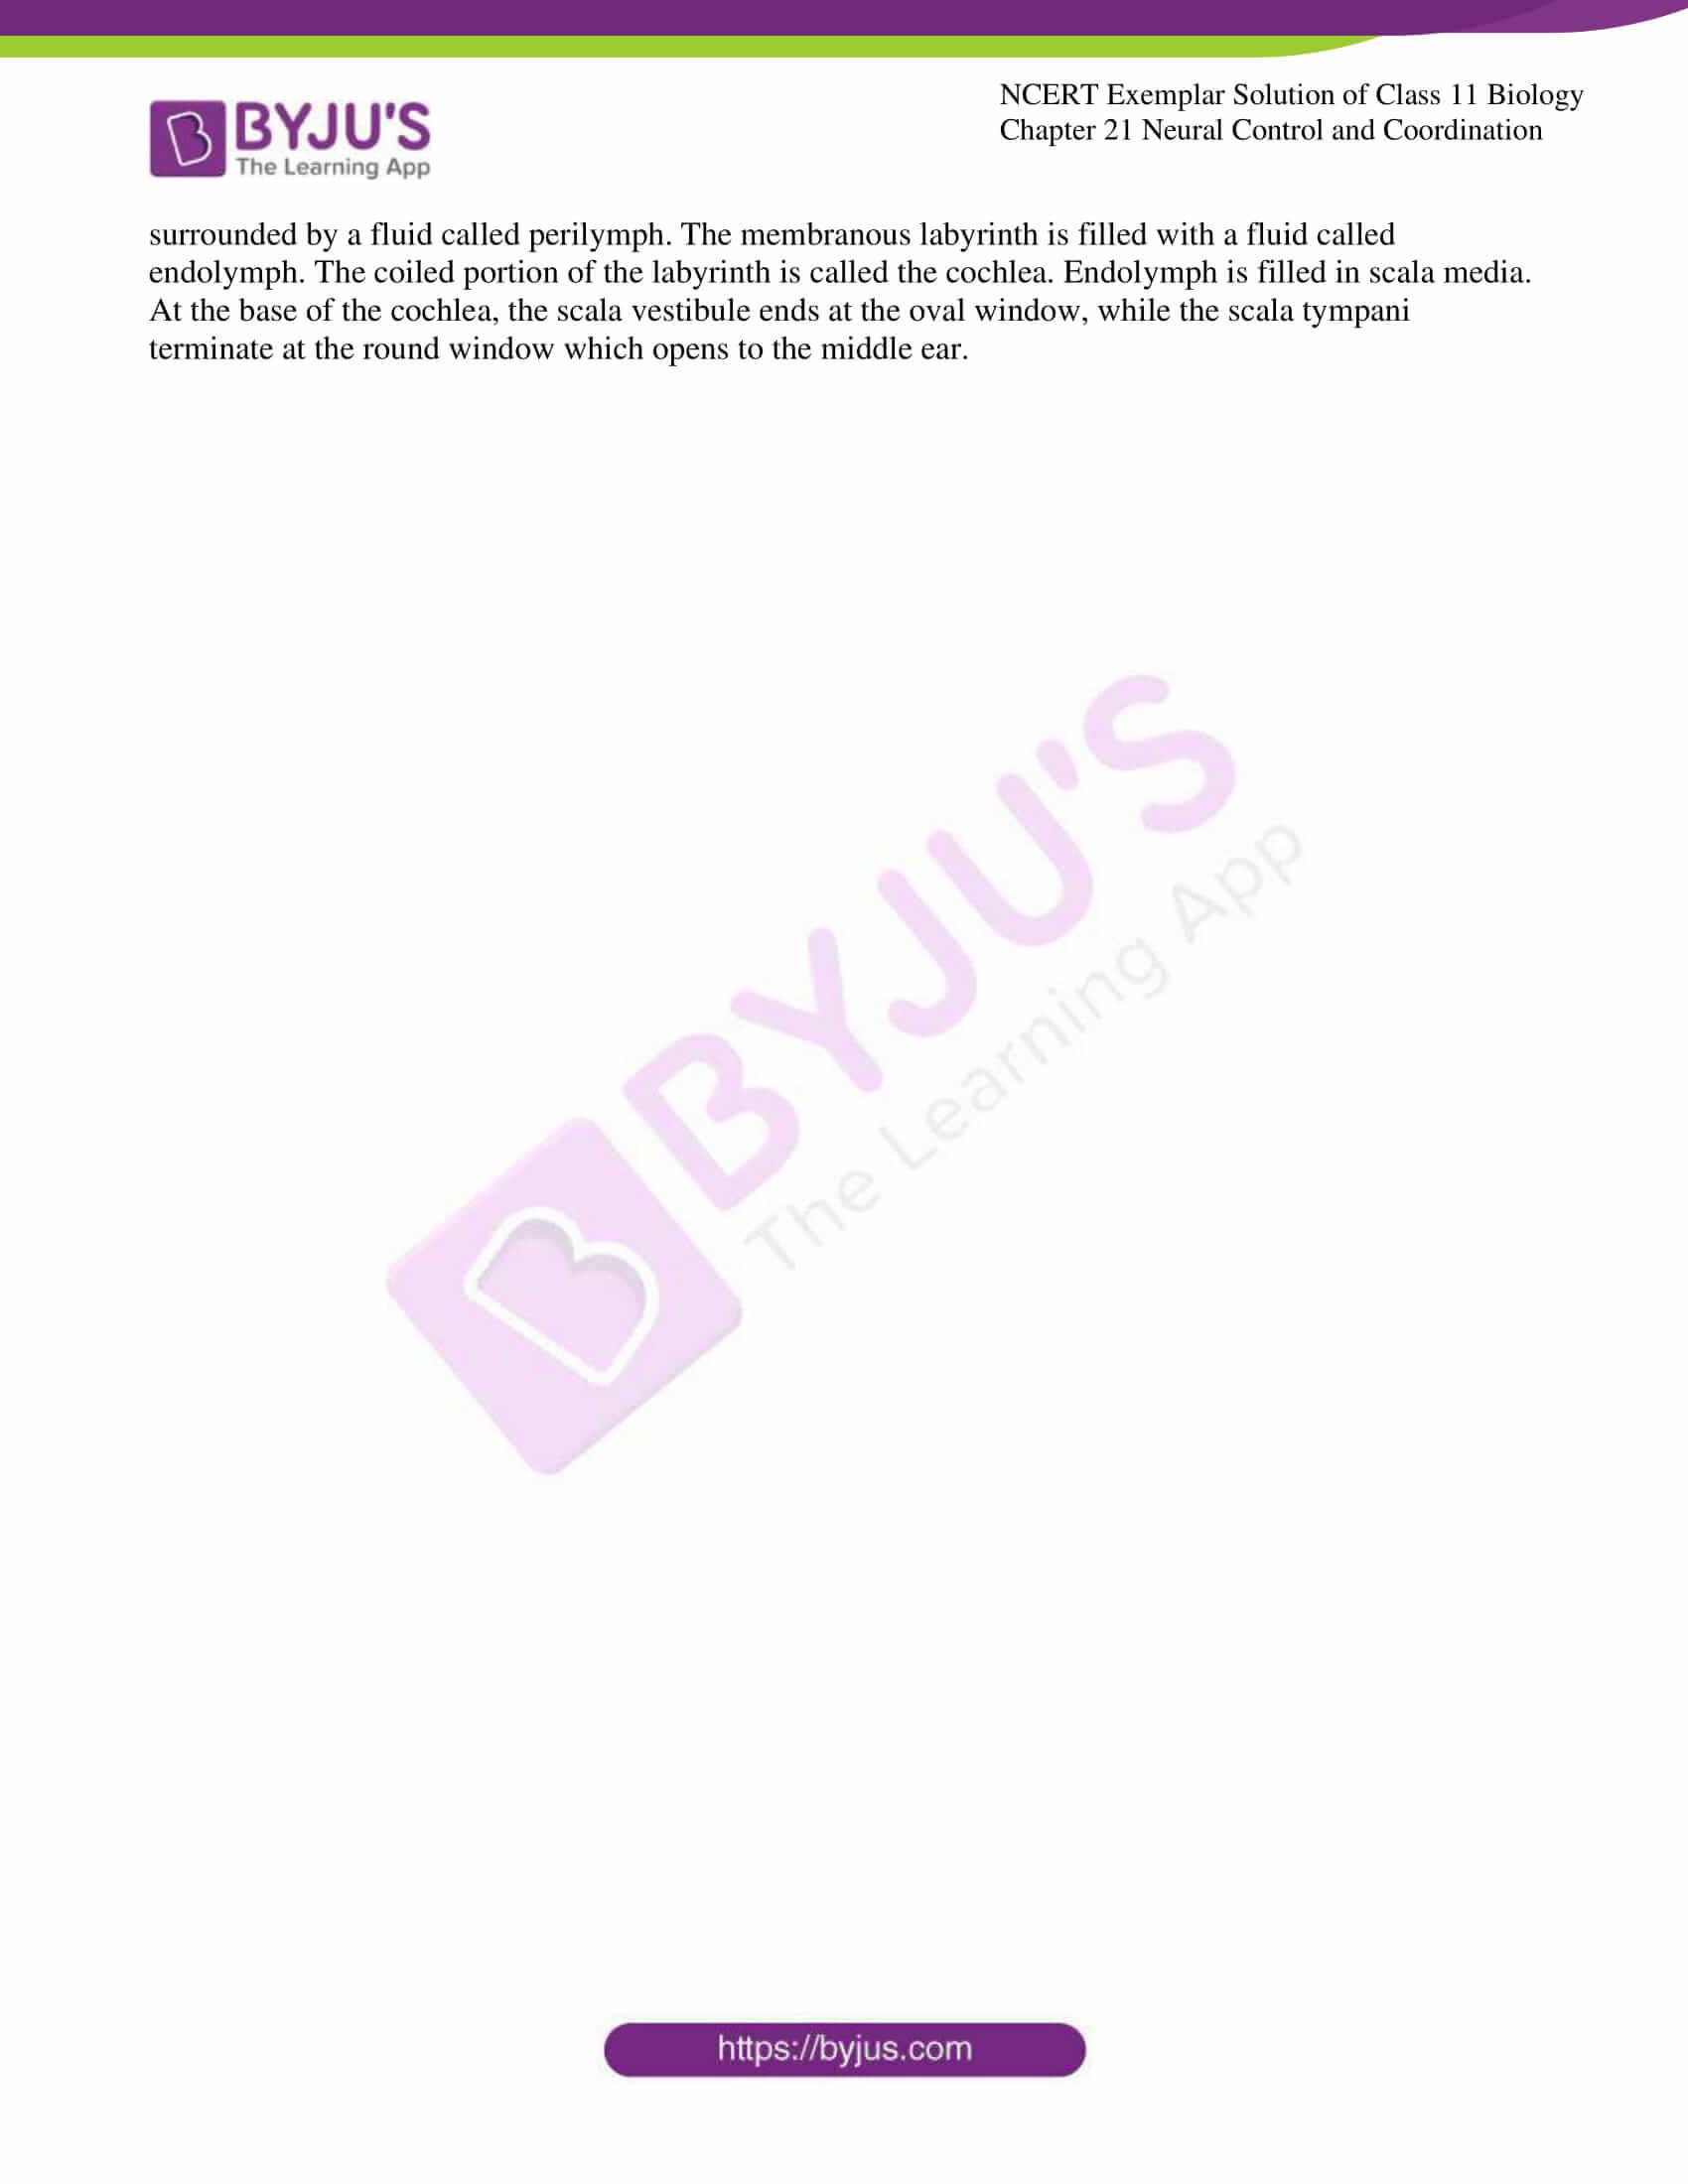 ncert exemplar solutions class 11 biology chapter 21 10